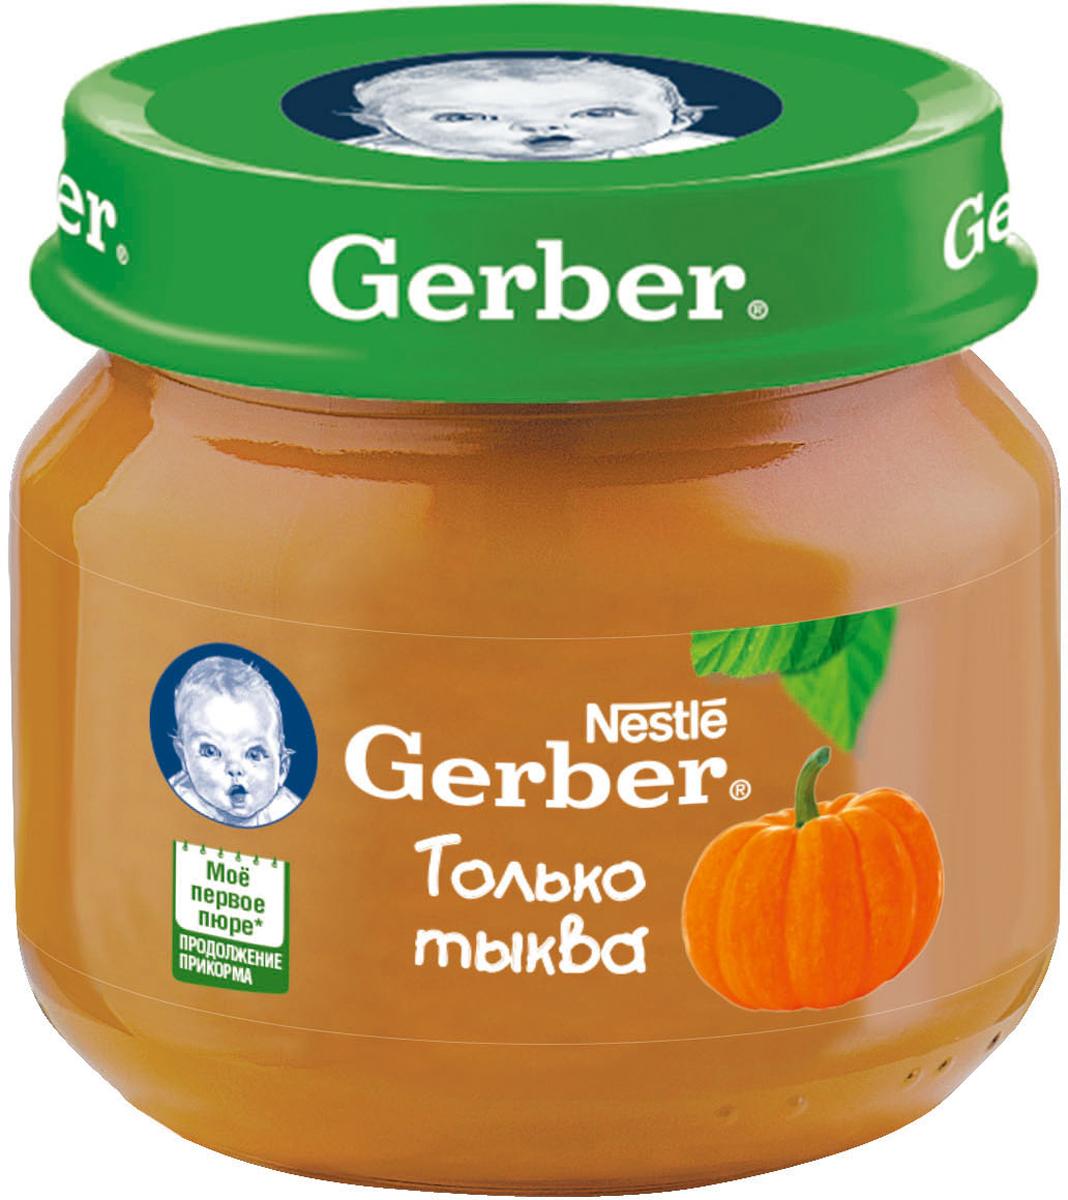 Gerber пюре тыква, 80 г12101666Однокомпонентные овощные пюре Gerber идеально подходят для первого прикорма. Овощное пюре Gerber тыква - это первое знакомство малыша с разнообразием вкусов, приготовленное из натуральных овощей, богато клетчаткой, органическими кислотами, витаминами и минеральными веществами. Нежная консистенция помогает научиться глотать более густую пищу, а специальный способ производства пюре Gerber позволяет сохранить всю пользу натуральных овощей в каждой баночке. Без добавления крахмала, сахара. Изготовлено без использования генетически модифицированных ингредиентов, искусственных консервантов, красителей и ароматизаторов.Для принятия решения о сроках и способе введения данного продукта в рацион ребенка необходима консультация специалиста. Возрастные ограничения указаны на упаковке товаров в соответствии с законодательством РФ.